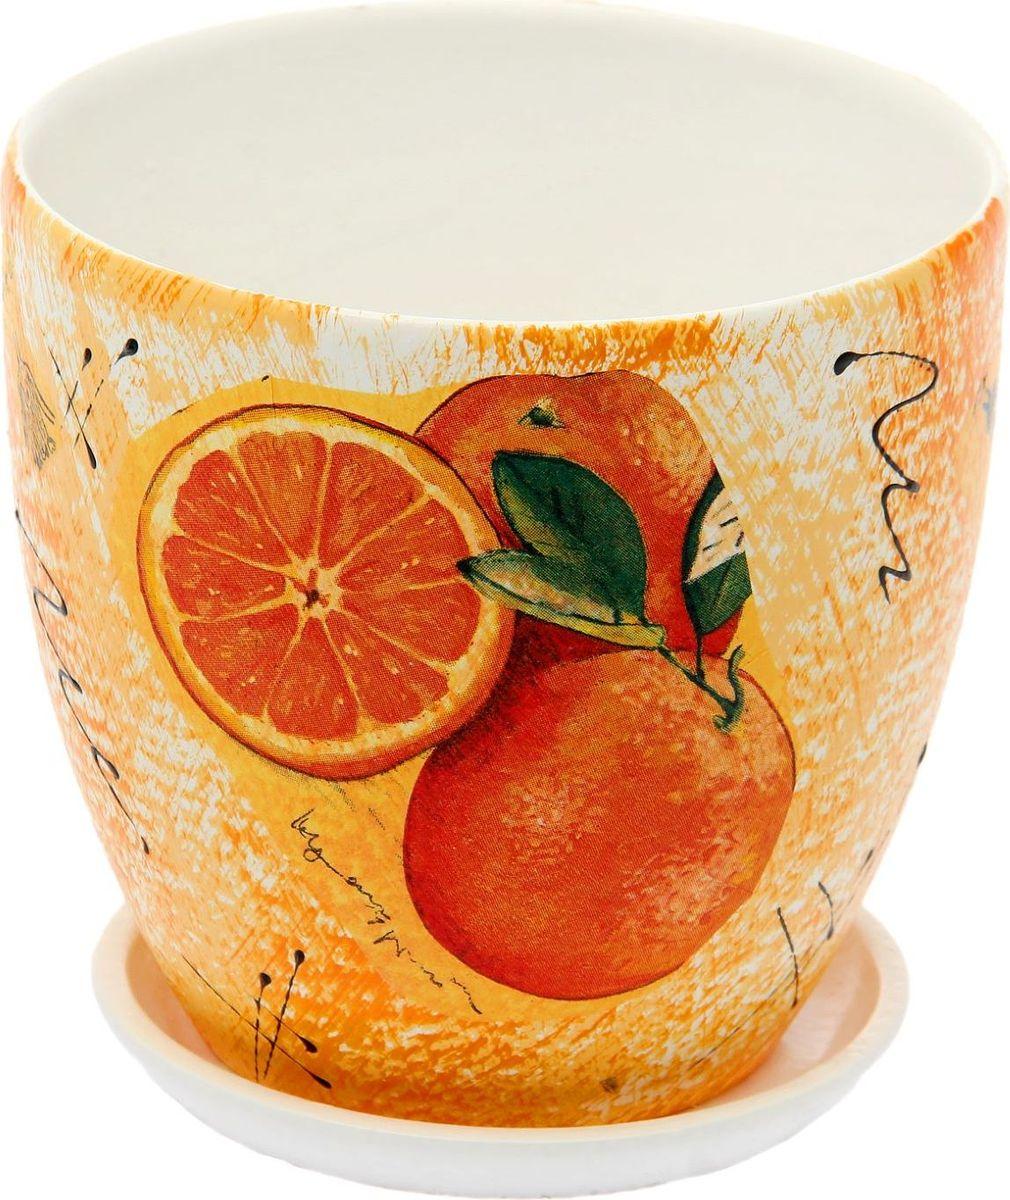 Кашпо Апельсин, 1,5 л1793184Комнатные растения — всеобщие любимцы. Они радуют глаз, насыщают помещение кислородом и украшают пространство. Каждому из них необходим свой удобный и красивый дом. Кашпо из керамики прекрасно подходят для высадки растений: за счет пластичности глины и разных способов обработки существует великое множество форм и дизайнов пористый материал позволяет испаряться лишней влаге воздух, необходимый для дыхания корней, проникает сквозь керамические стенки! позаботится о зеленом питомце, освежит интерьер и подчеркнет его стиль.